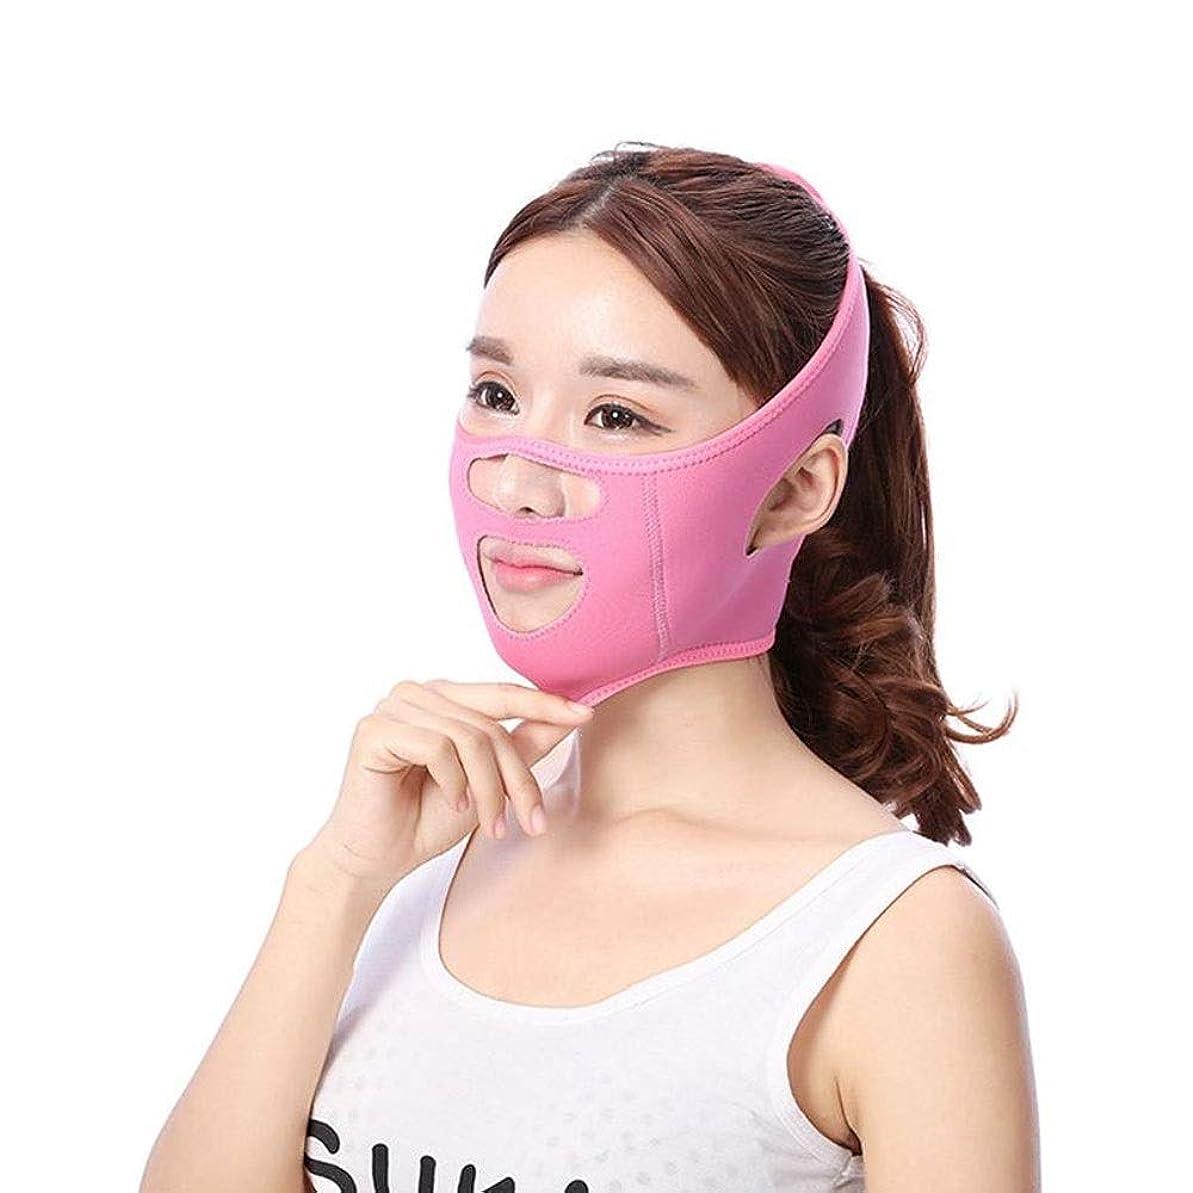 消費非難するスタイルGYZ シンフェイスアーティファクトリフティング引き締めフェイス睡眠包帯フェイシャルリフティングアンチ垂れ下がり法律パターンステッカー8ワード口角 - ピンク Thin Face Belt